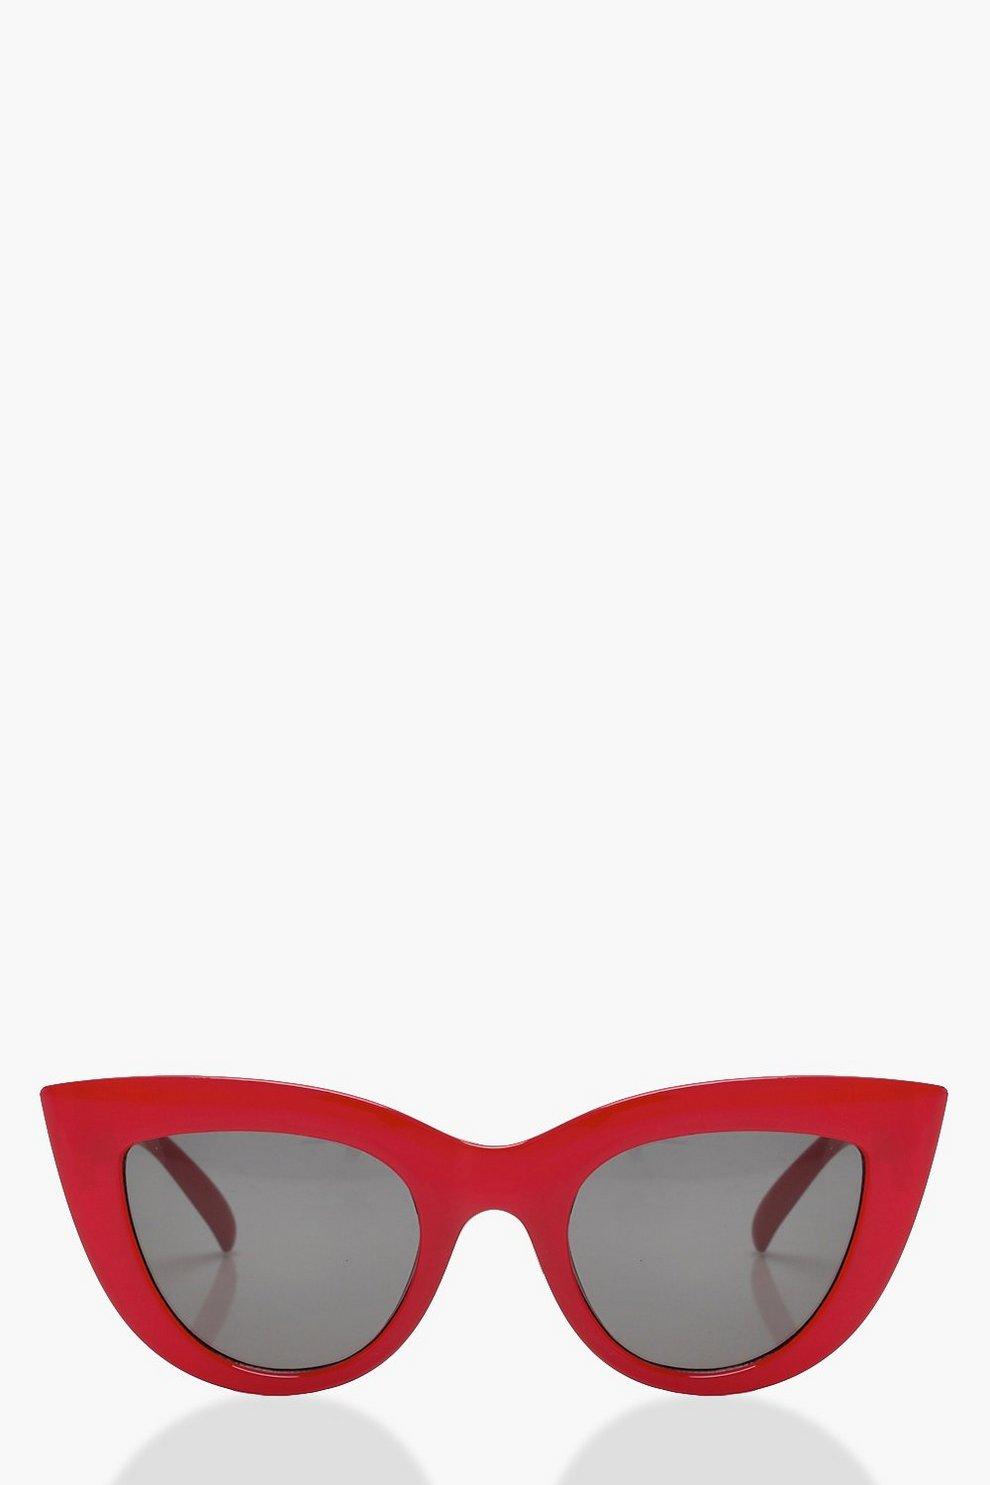 Gafas de sol rojas con marco de ojos de gato Mía | Boohoo